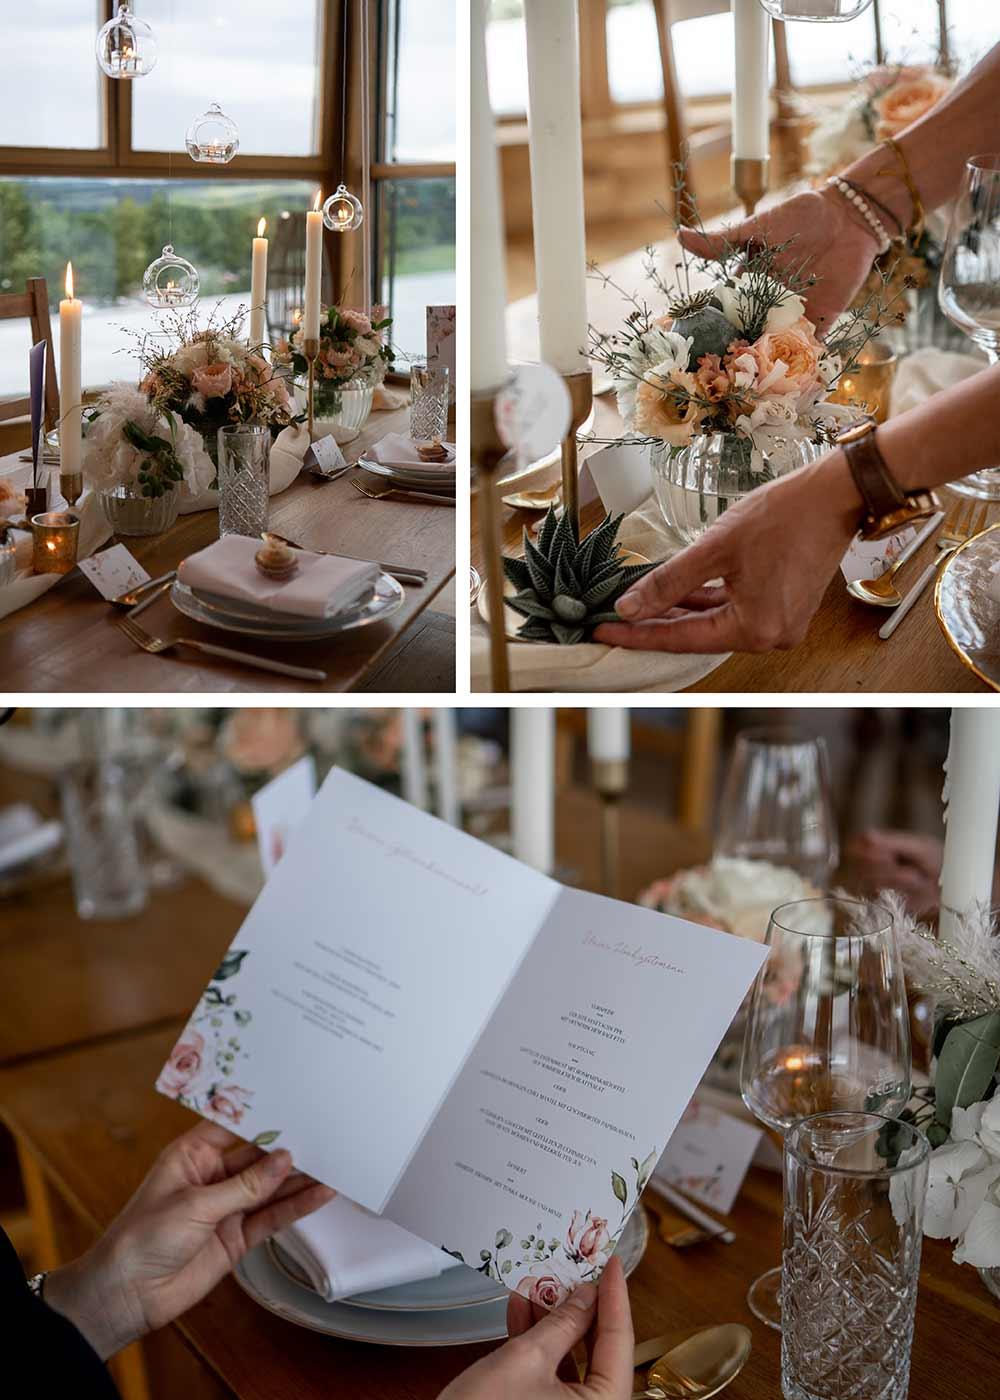 Das personalisierte Hochzeitsmenü zeigt den Gästen, welche Speisen sie erwarten.